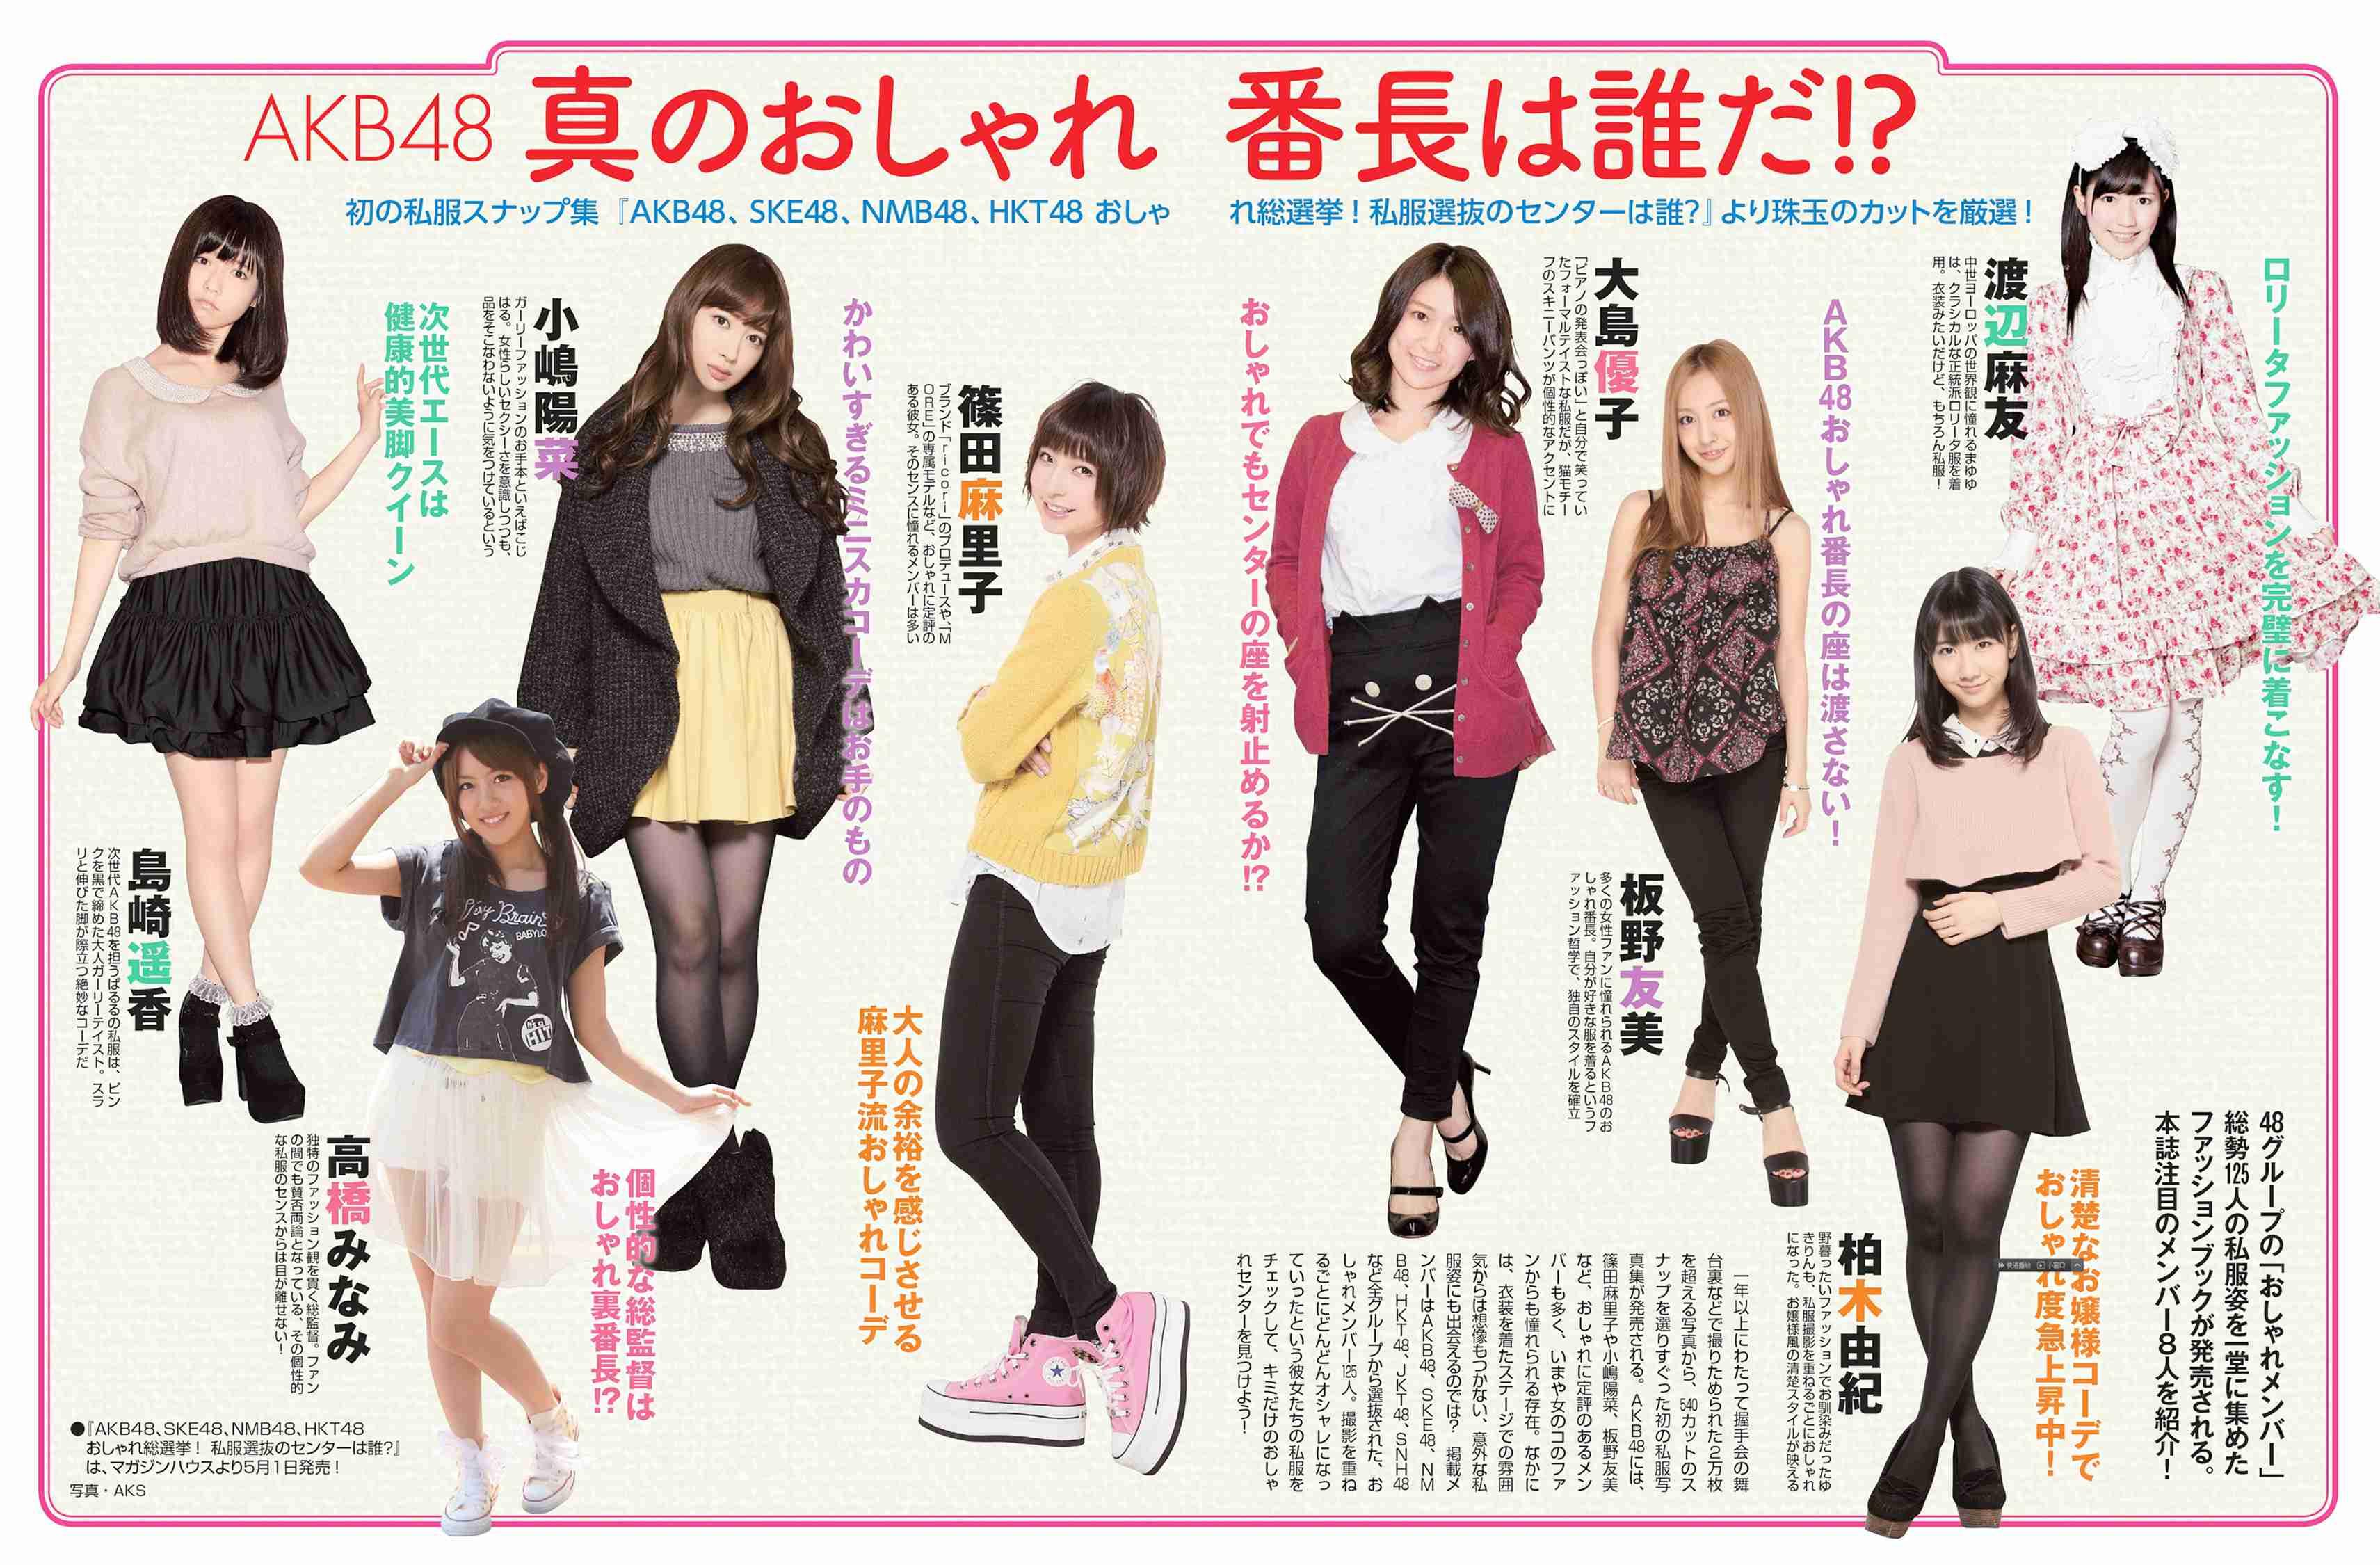 AKB48小嶋陽菜と島崎遥香がプライベート写真を公開。「私服がダサい」という指摘も